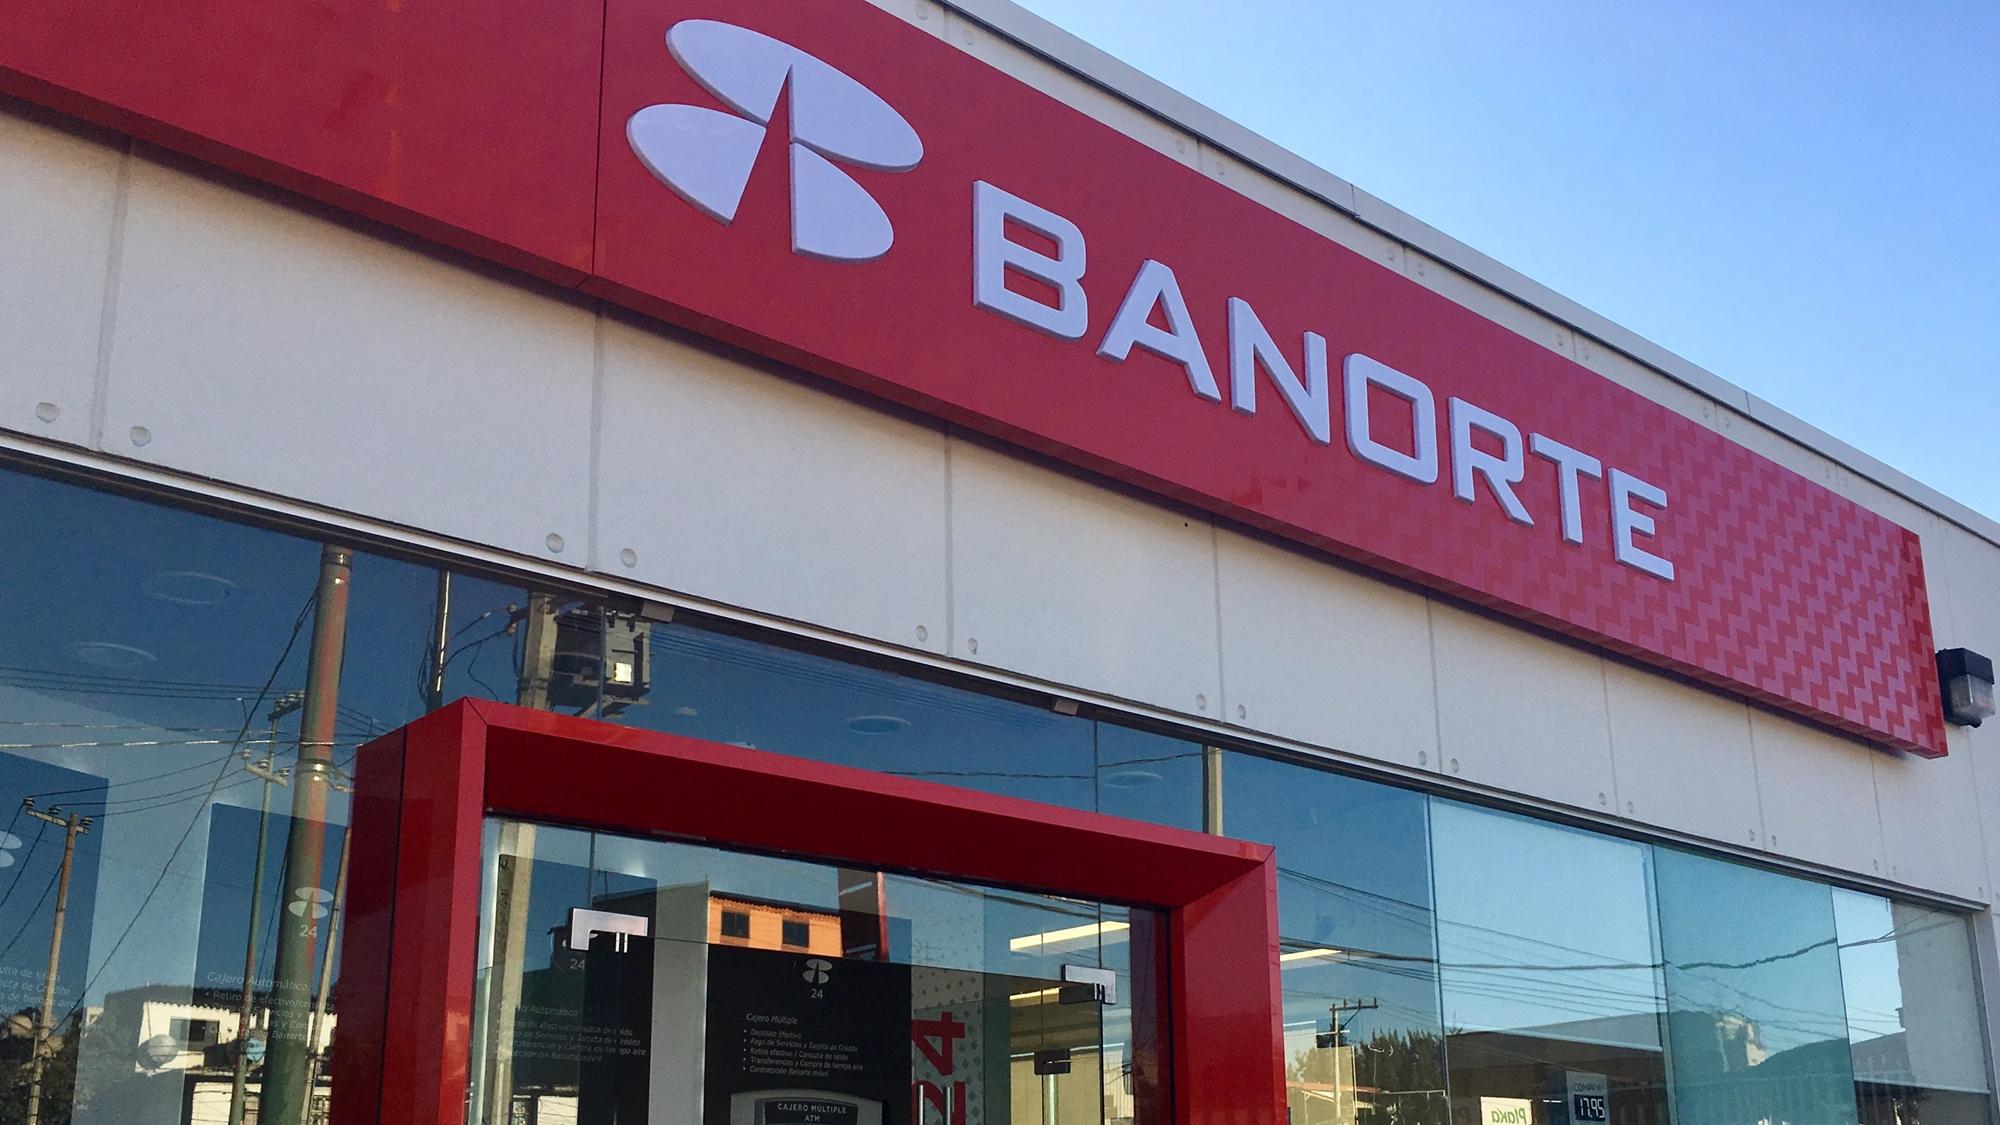 Banorte descarta afectaciones a sus clientes tras hackeo a bancos